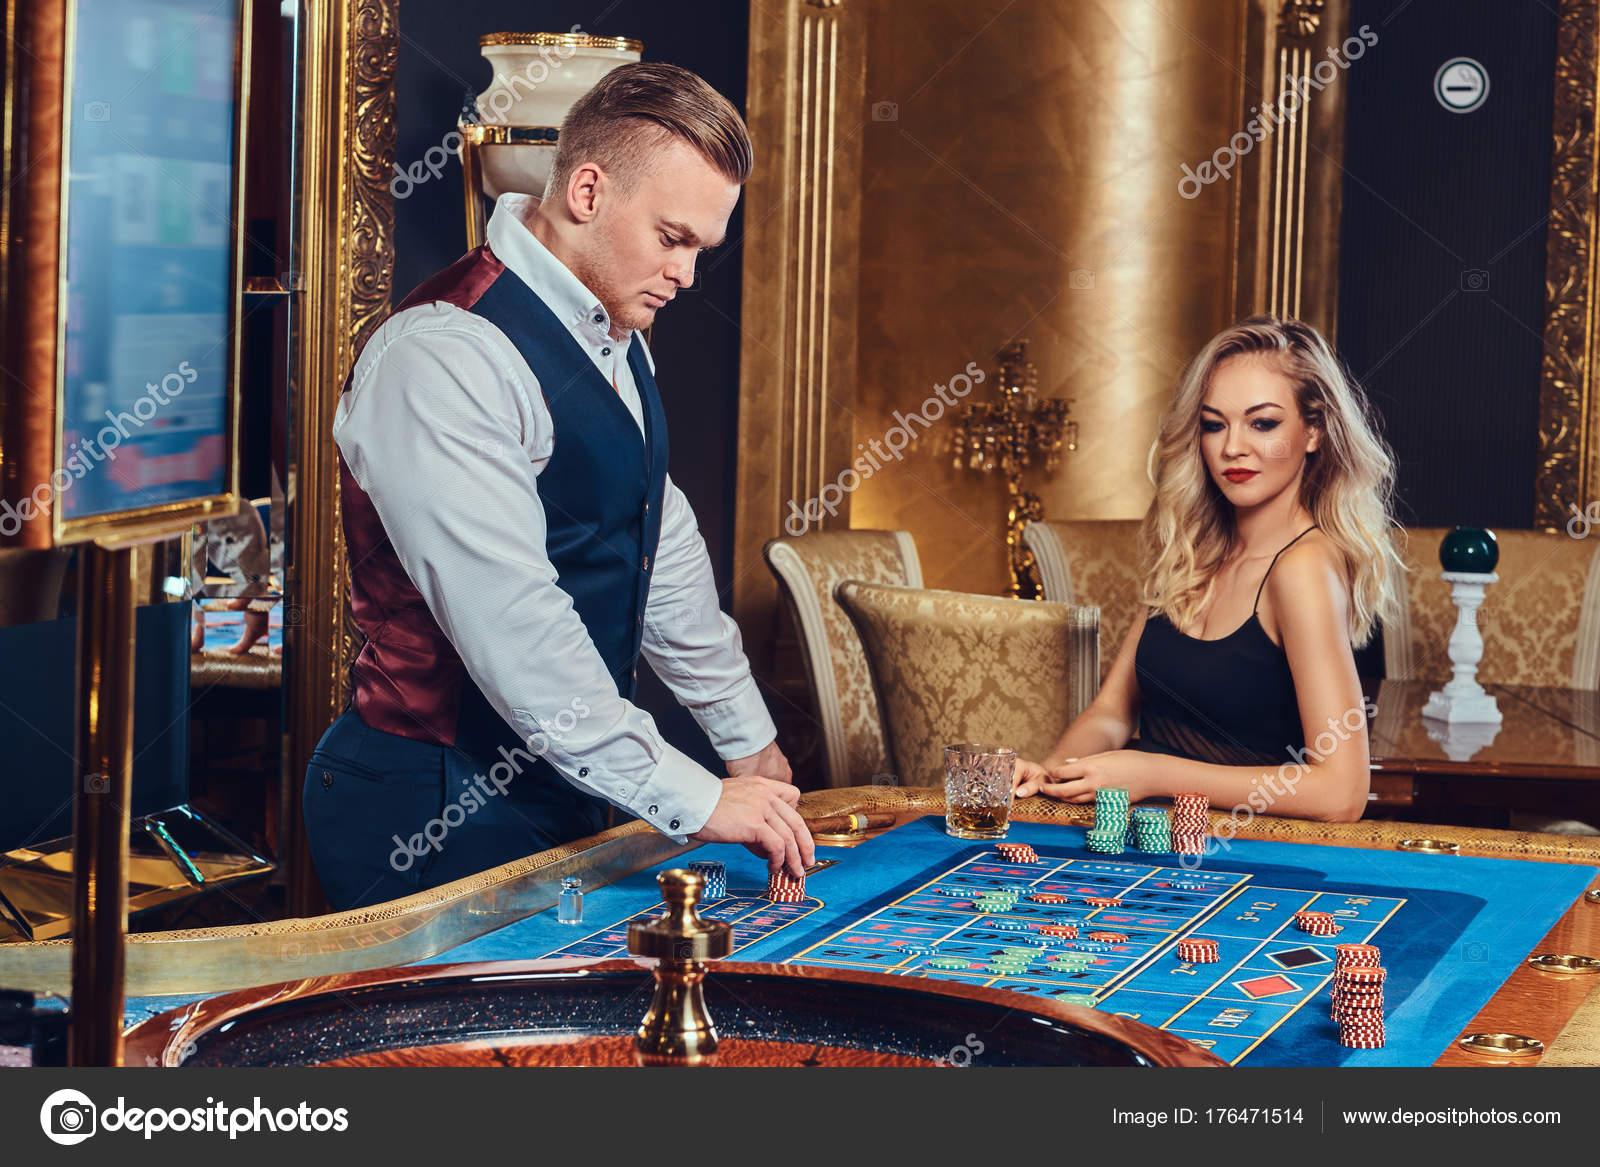 Croupier mujer crupieres en directo casino-579973